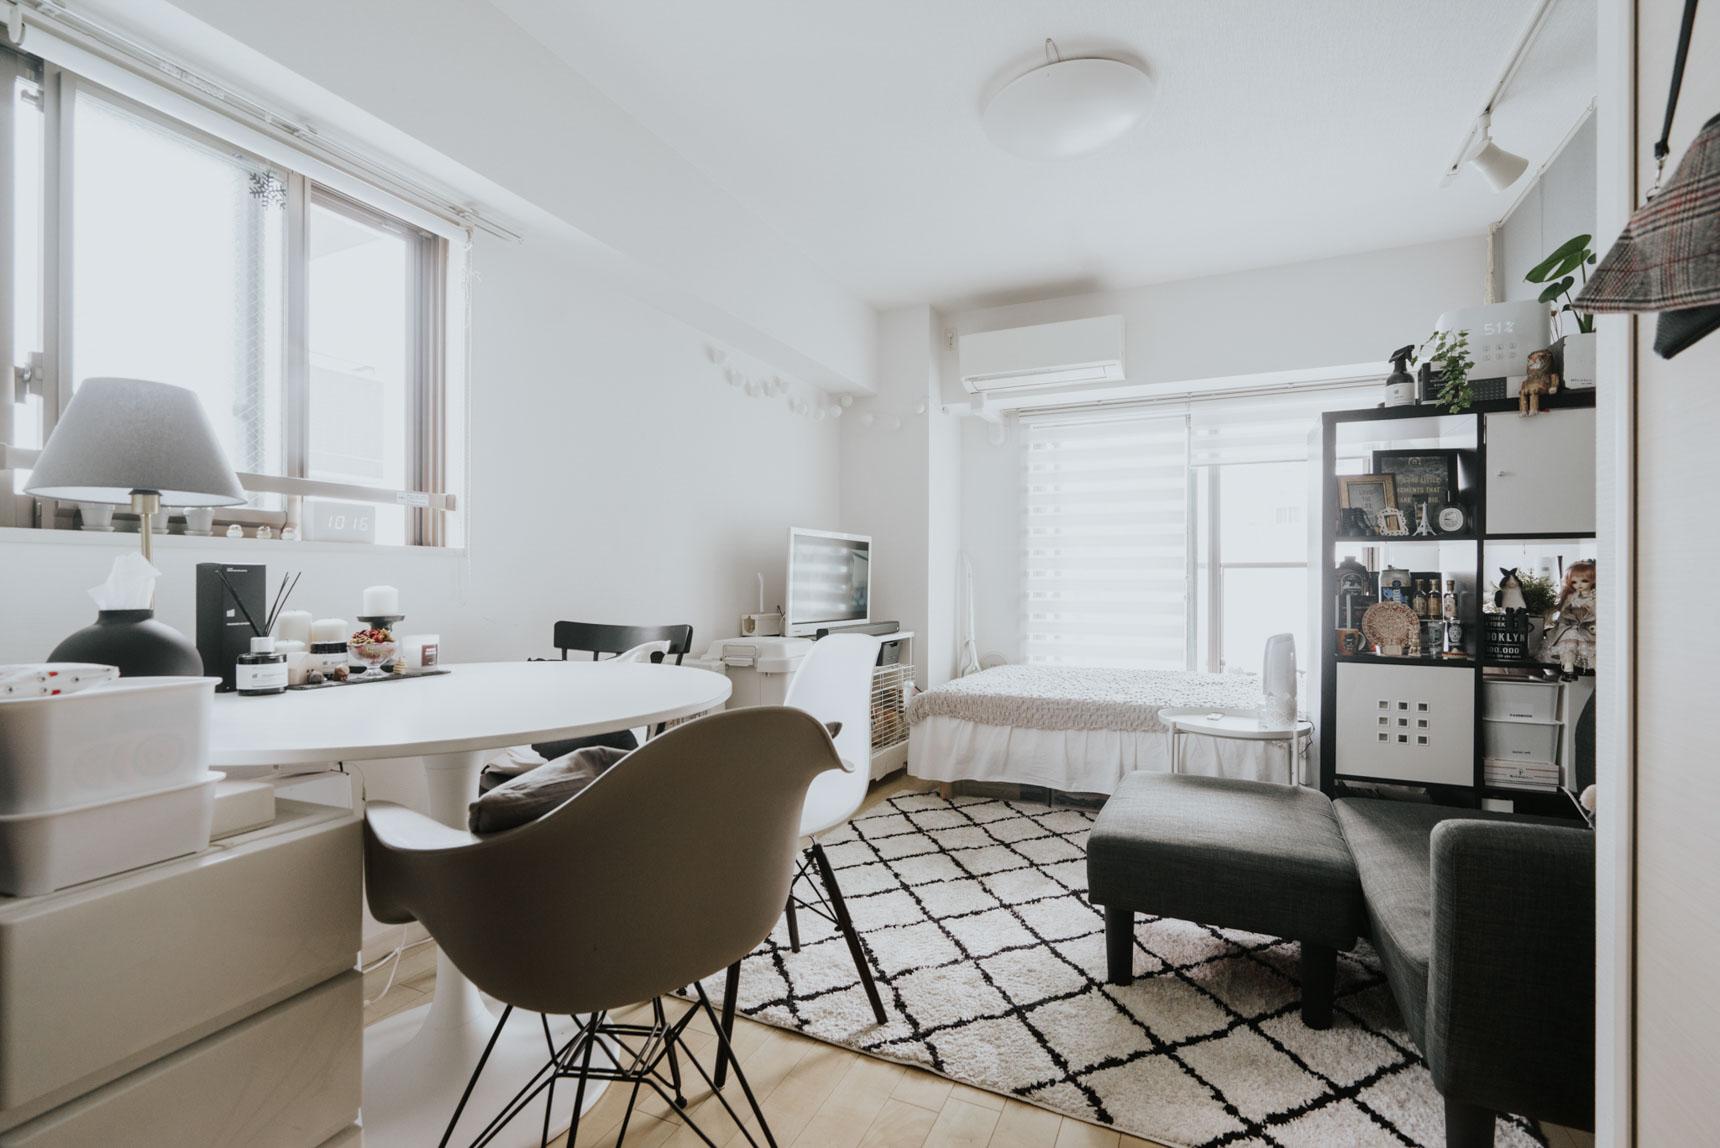 もともとのフローリングは淡い木目調ですが、白と黒の大きなカーペットを敷くことで、ベースは白に統一。